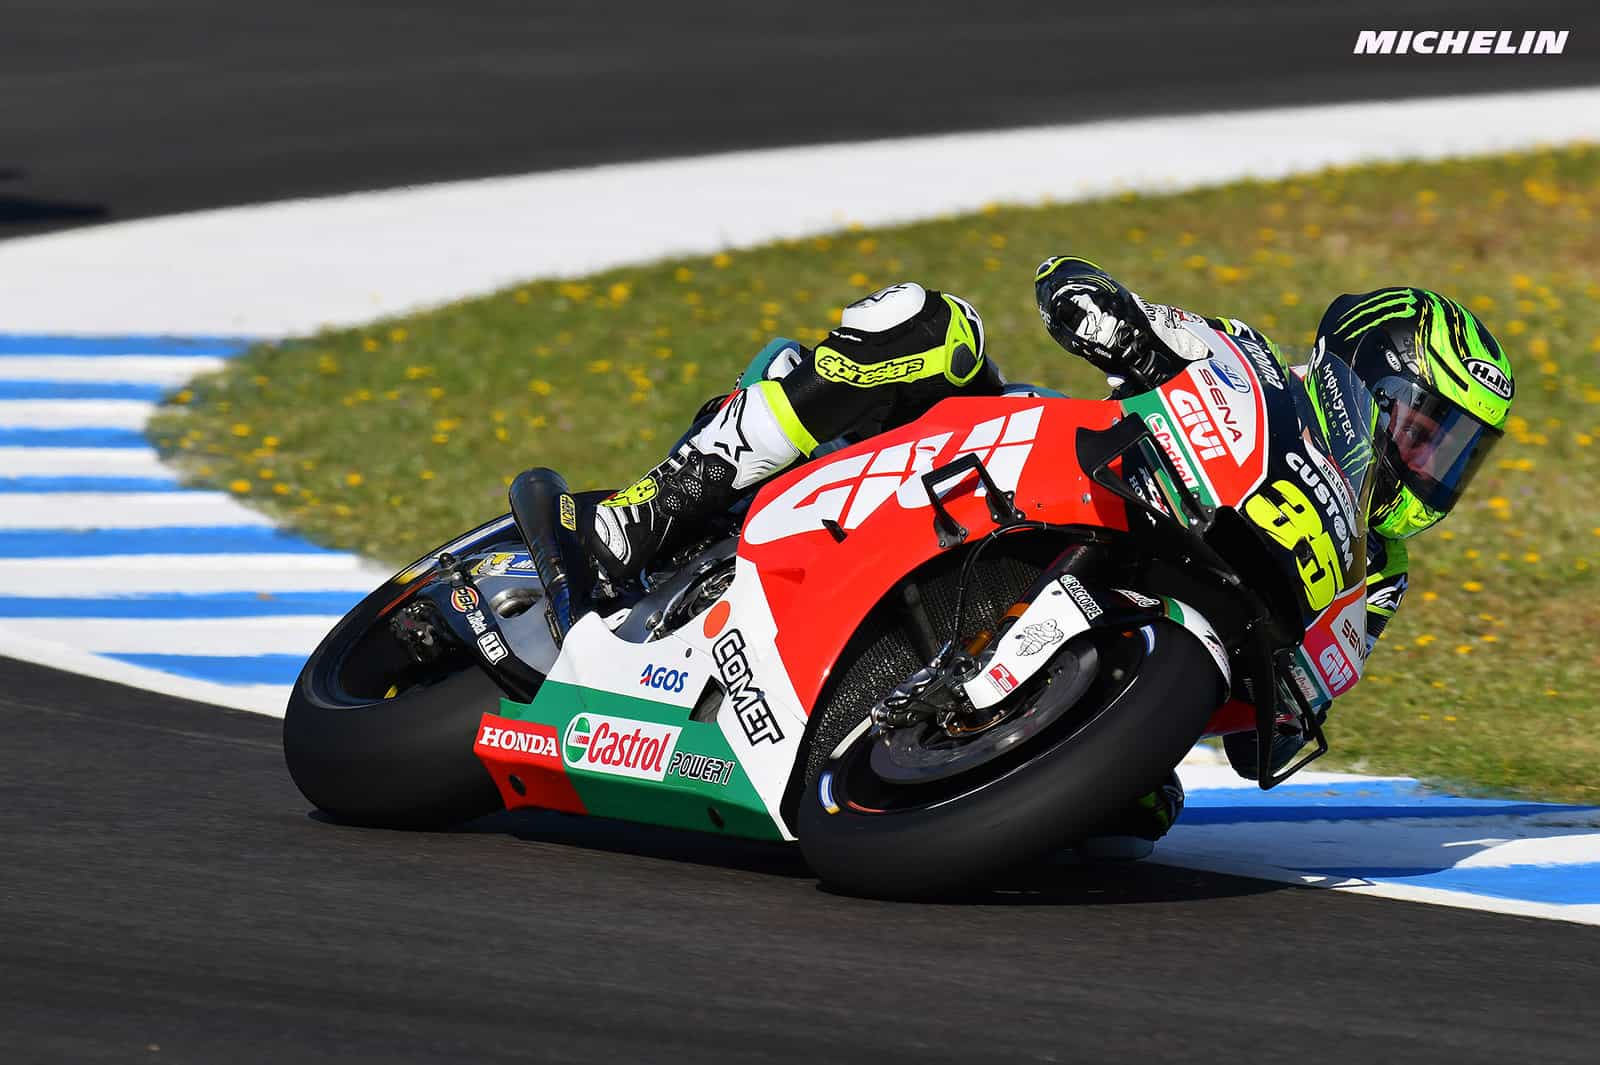 MotoGP2019ヘレスGP FP2 3位クラッチロー「ポール獲得は難しいだろう」